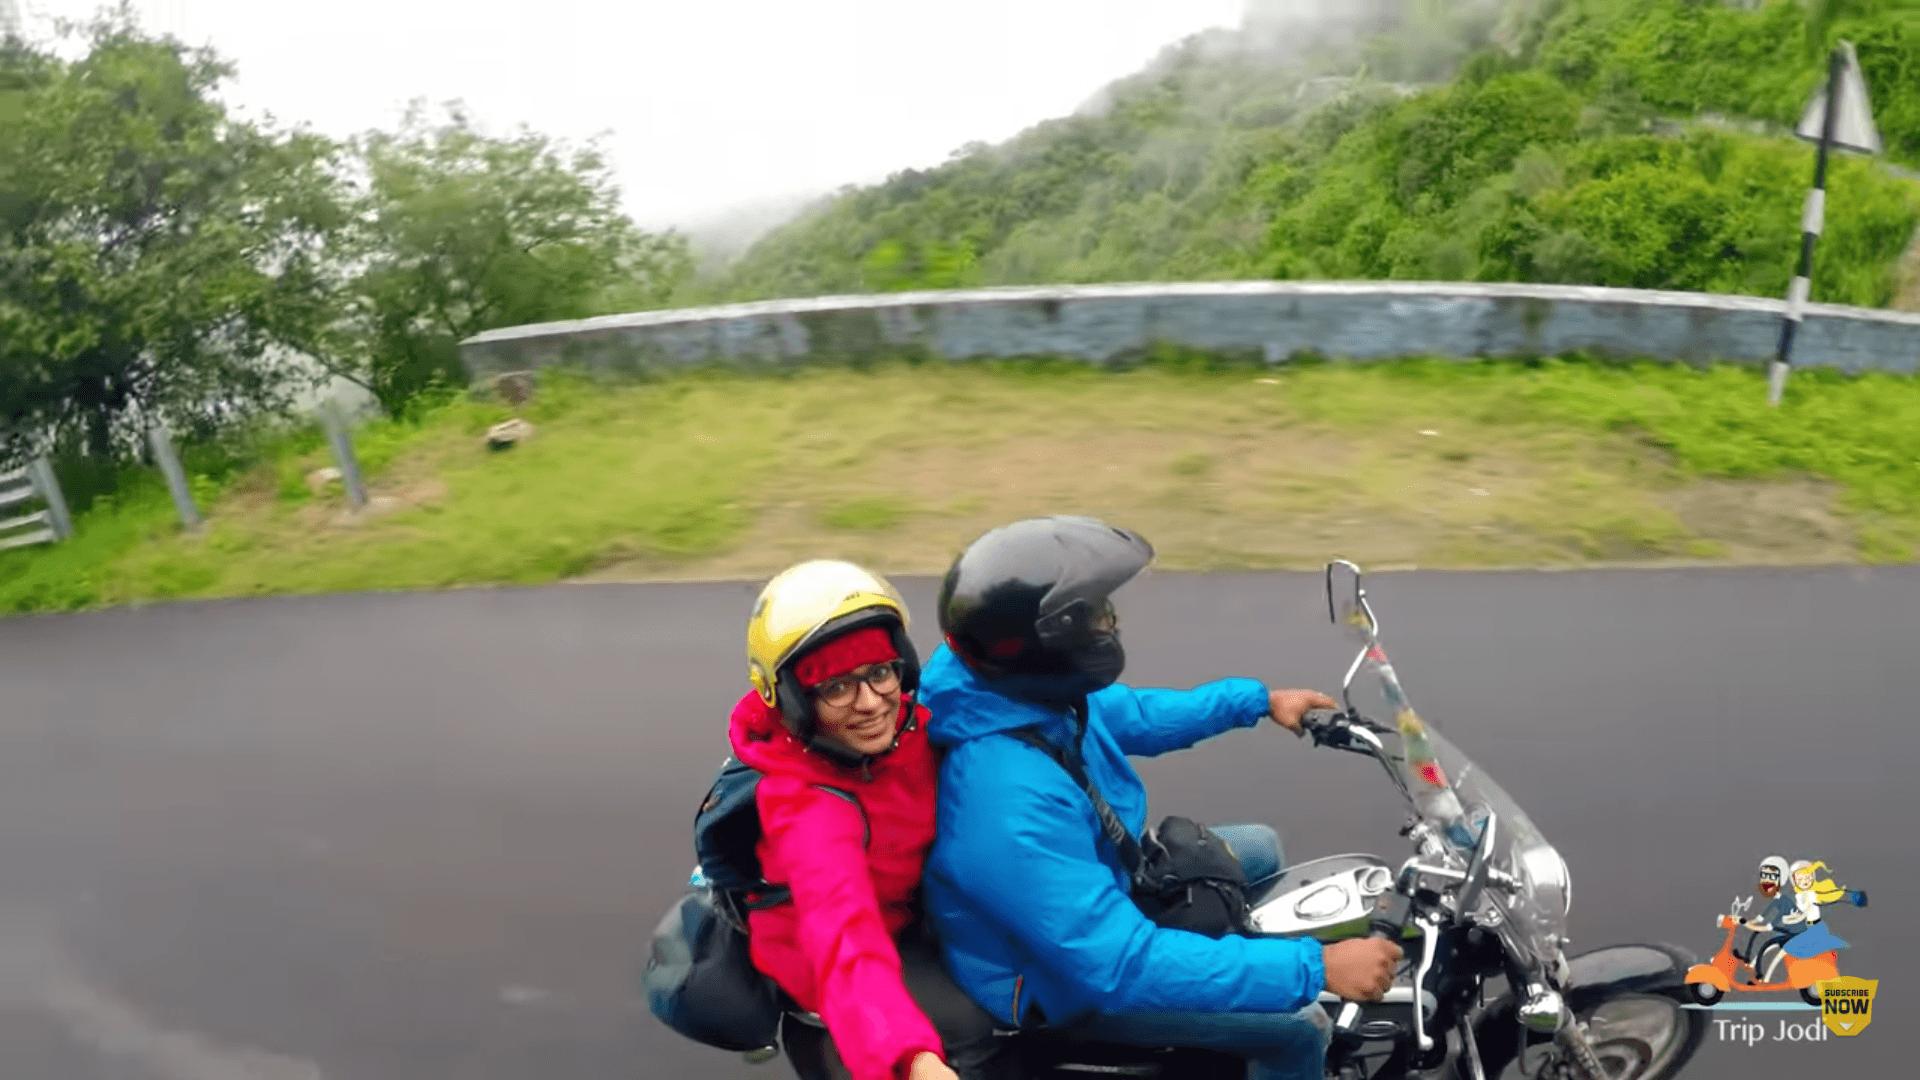 വട്ടക്കനാൽ മലമുകളിലെ പറുദീസ | Tripjodi Travel Video